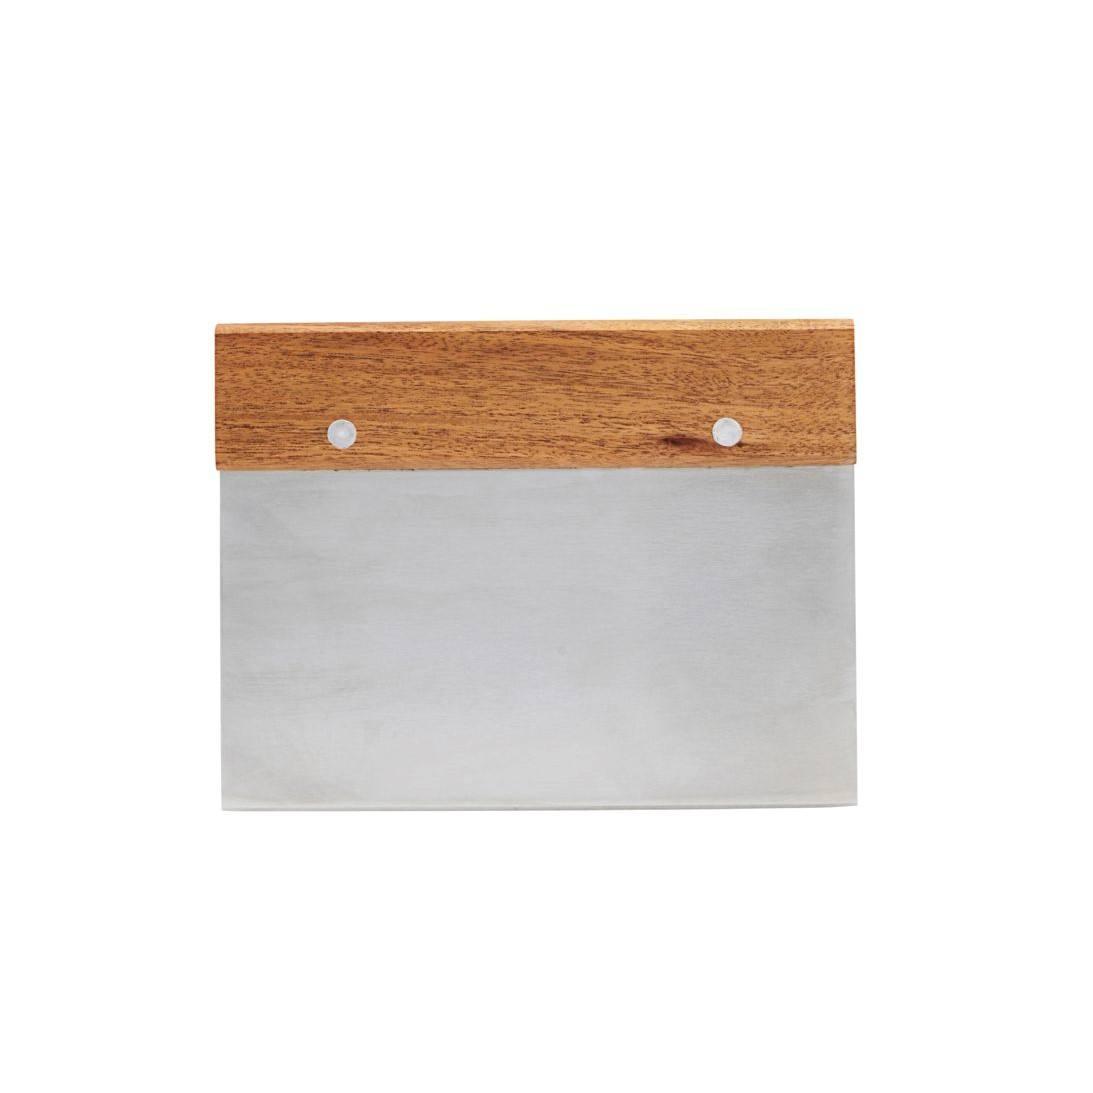 Nicolas Vahé Kráječ na těsto Acacia, stříbrná barva, přírodní barva, dřevo, kov